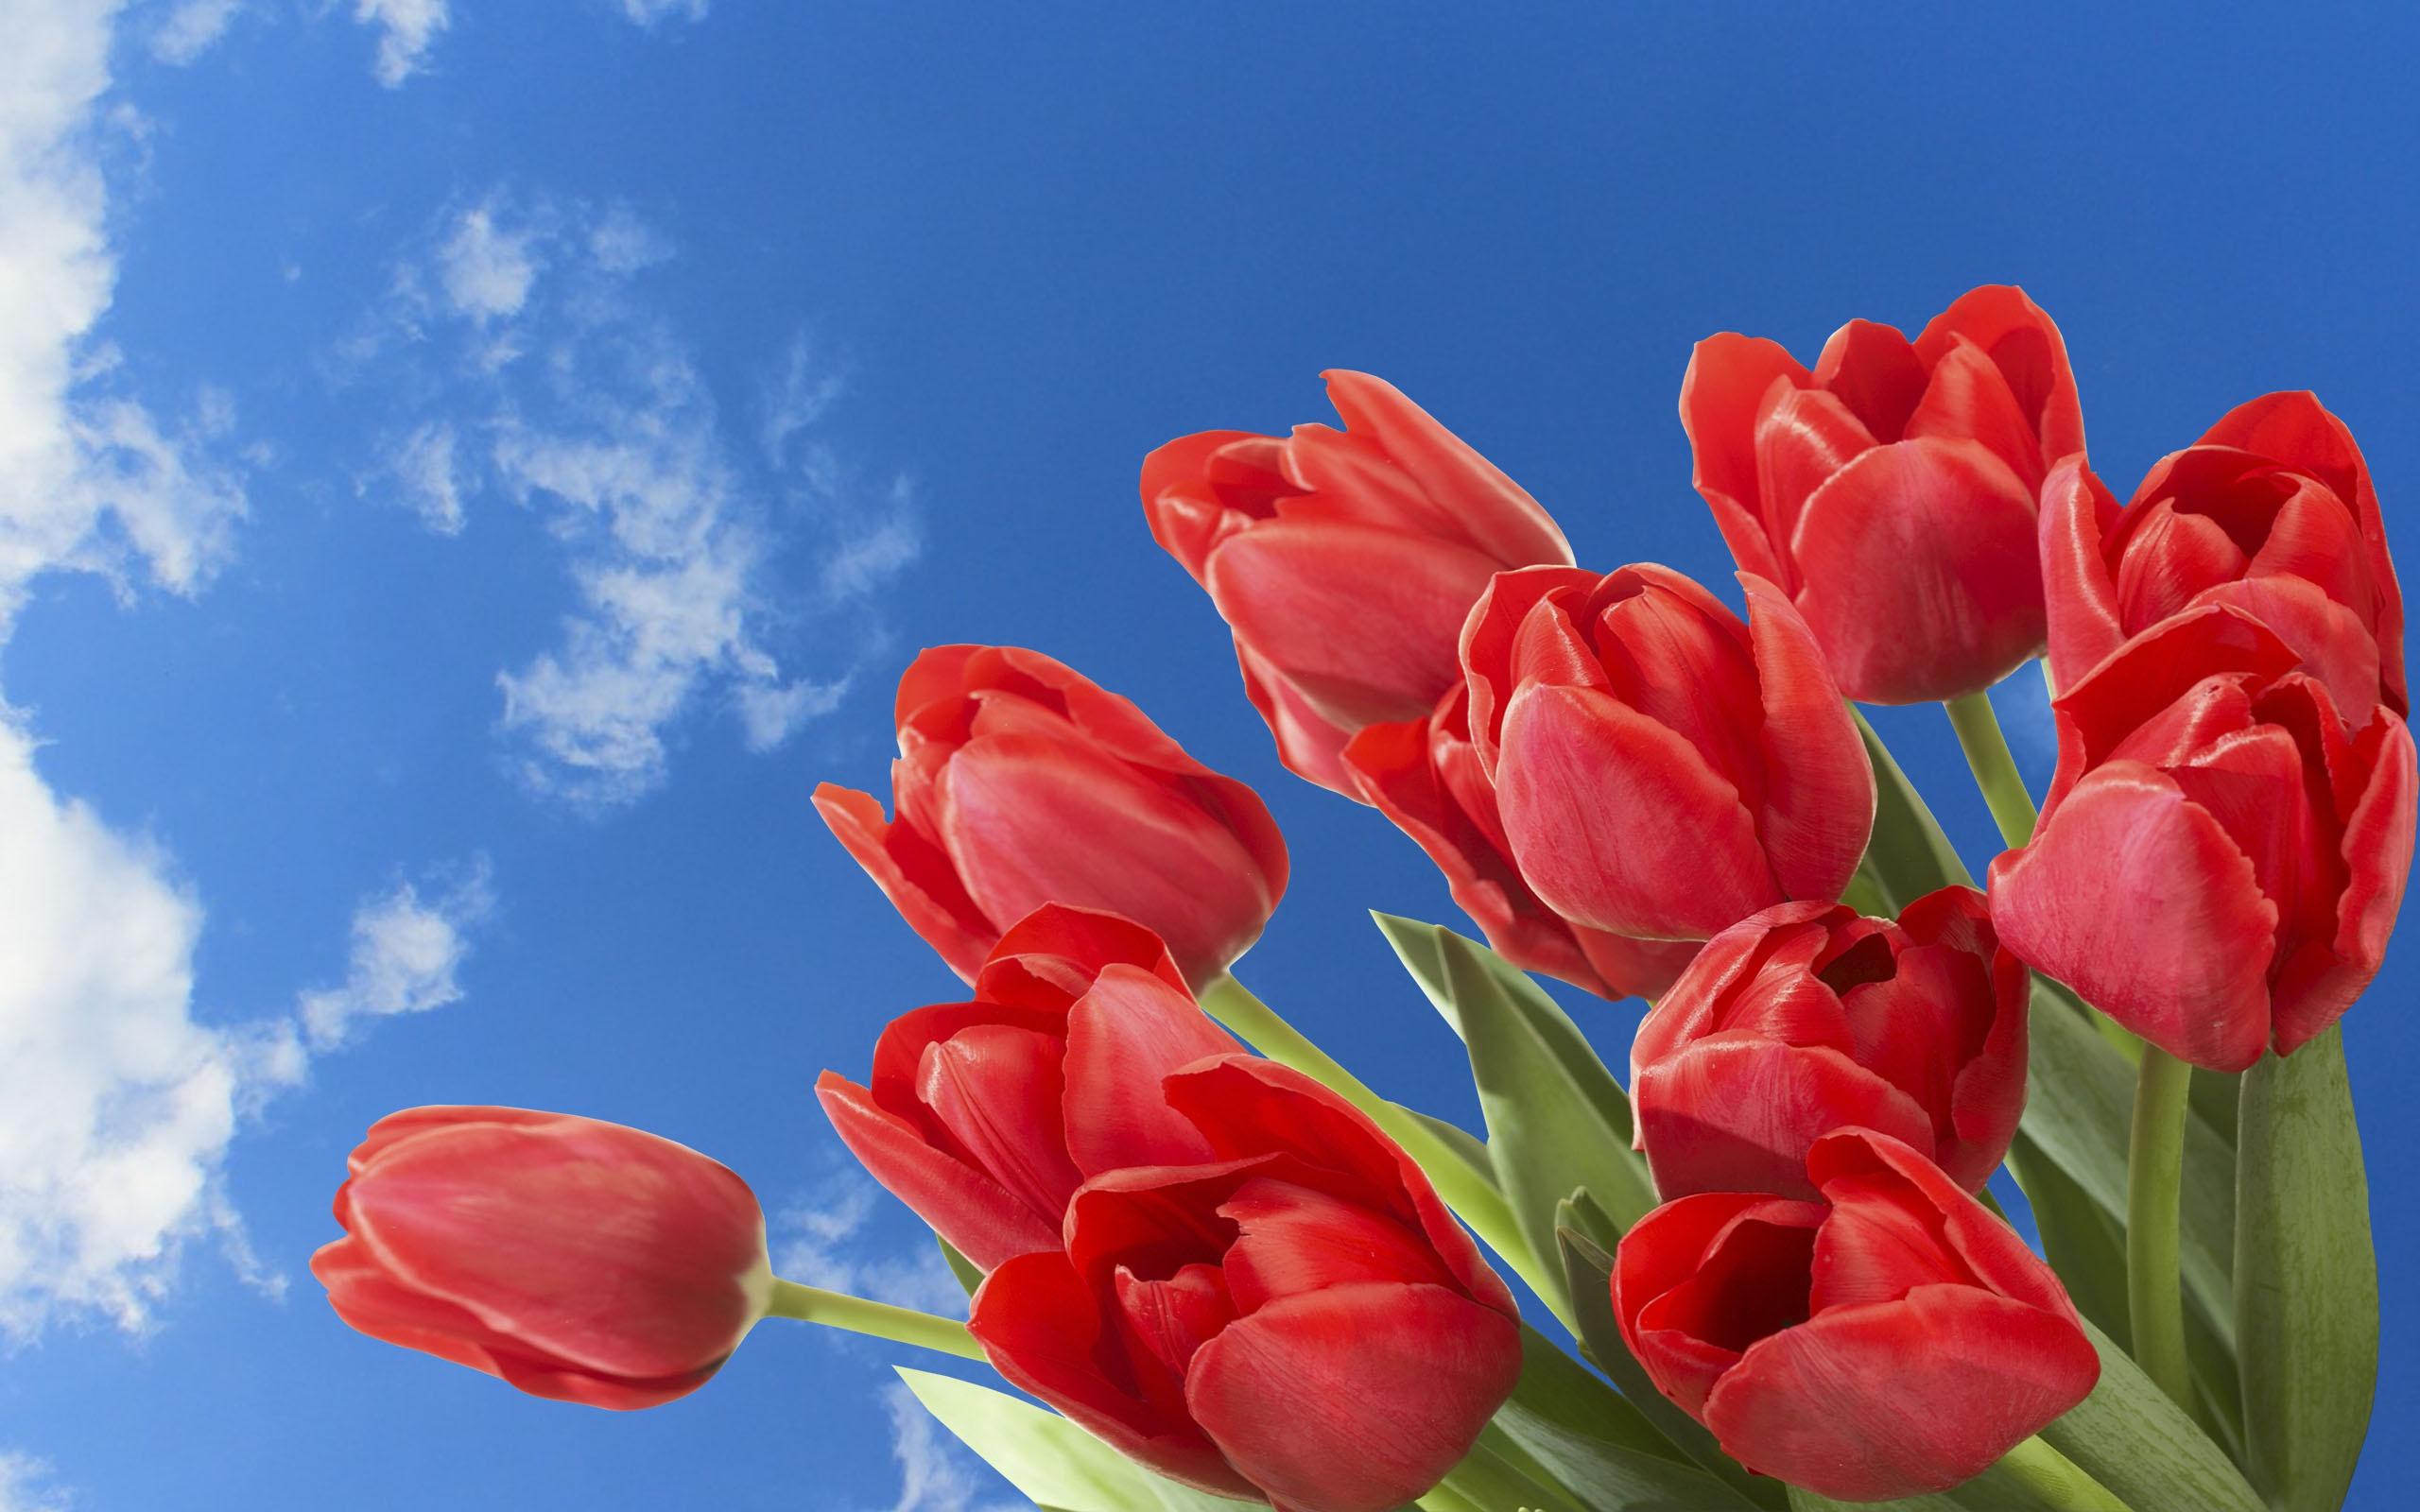 тюльпаны весна цветы бесплатно